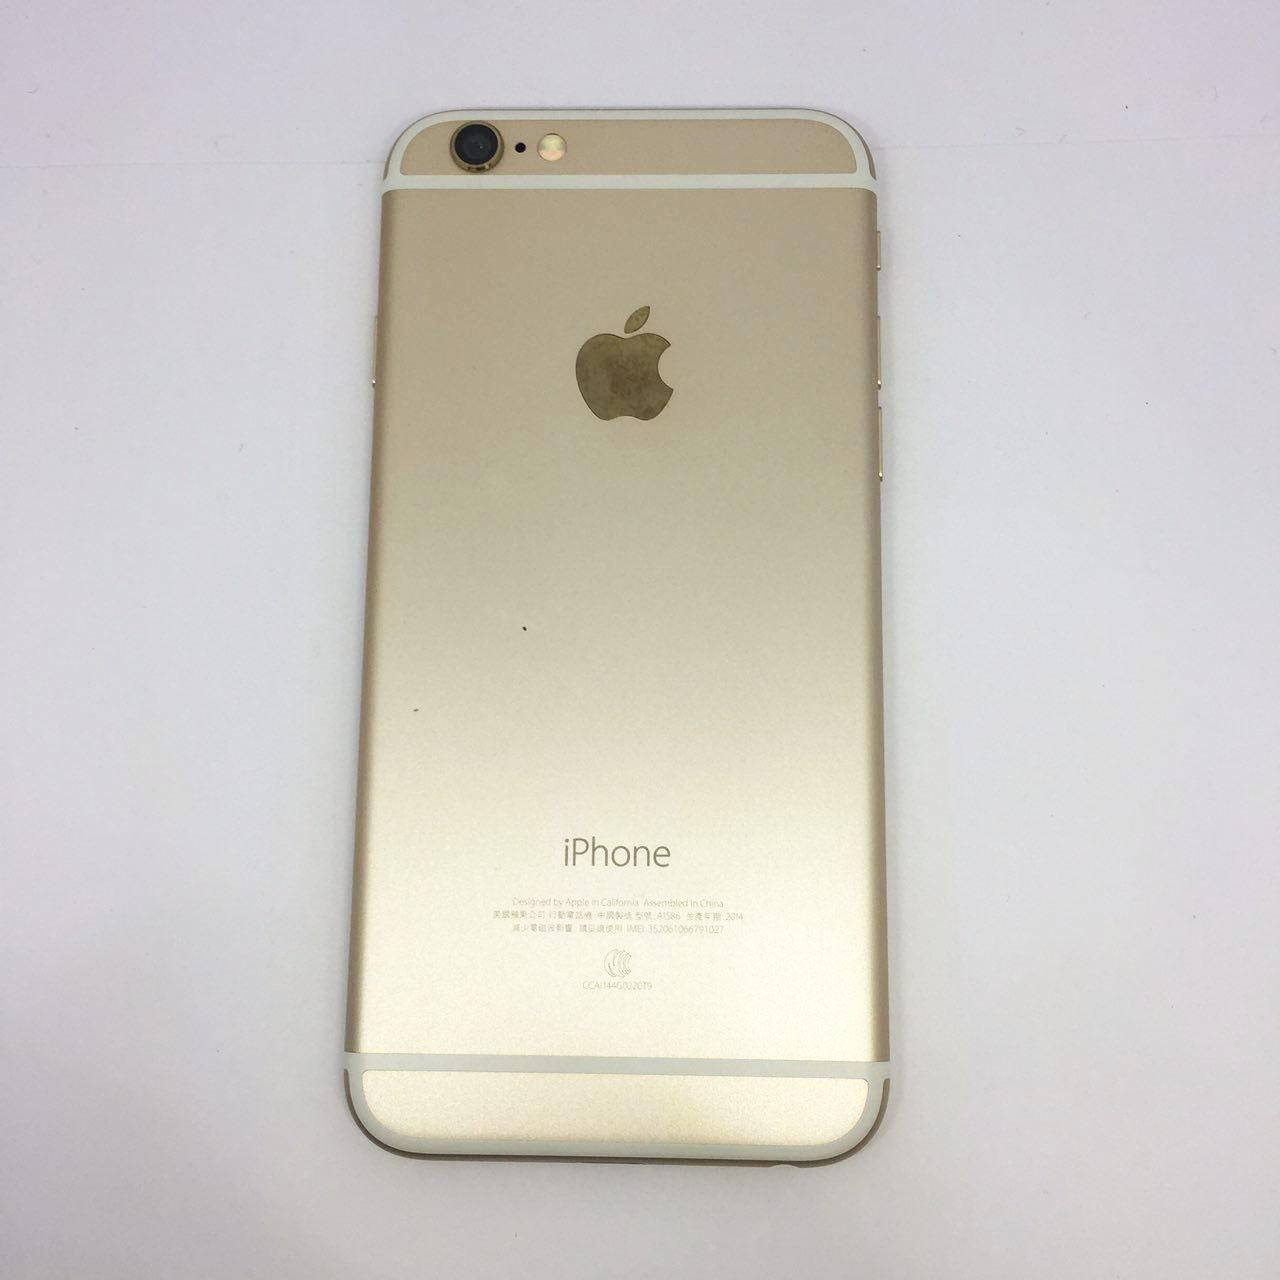 【創宇通訊】iPhone 6 64G金色【福利機】